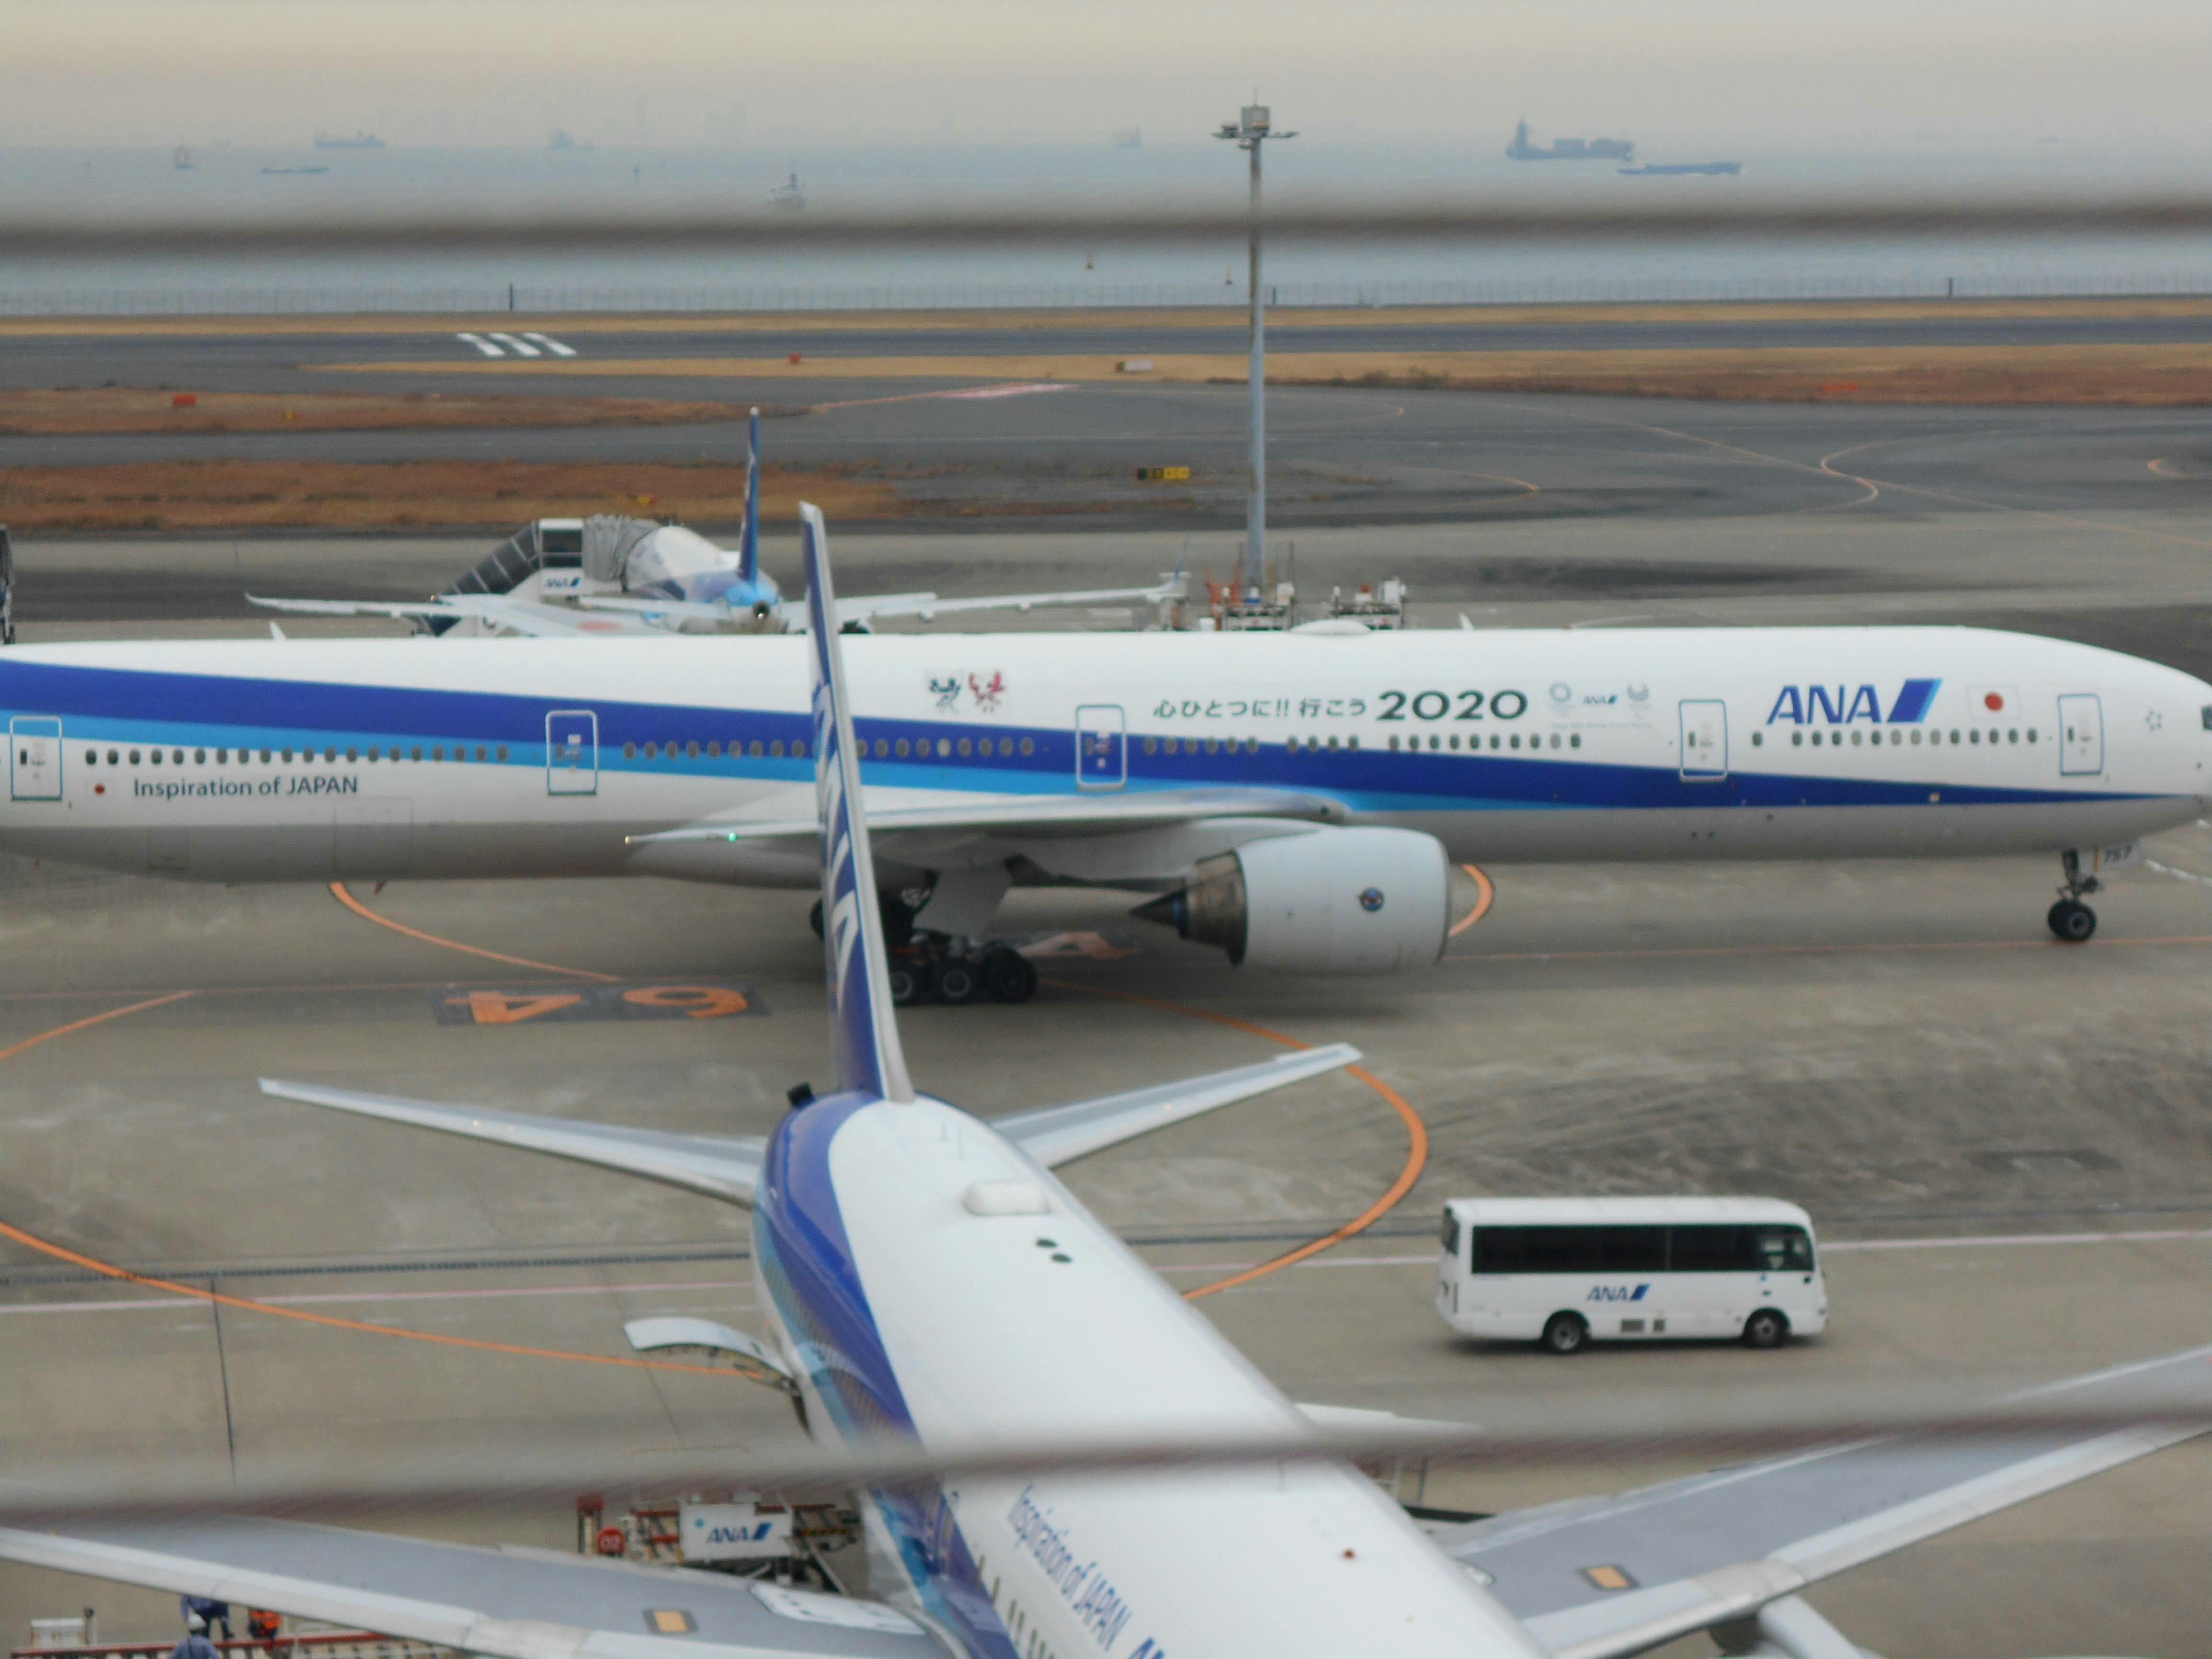 f:id:A350-900:20210110210709j:image